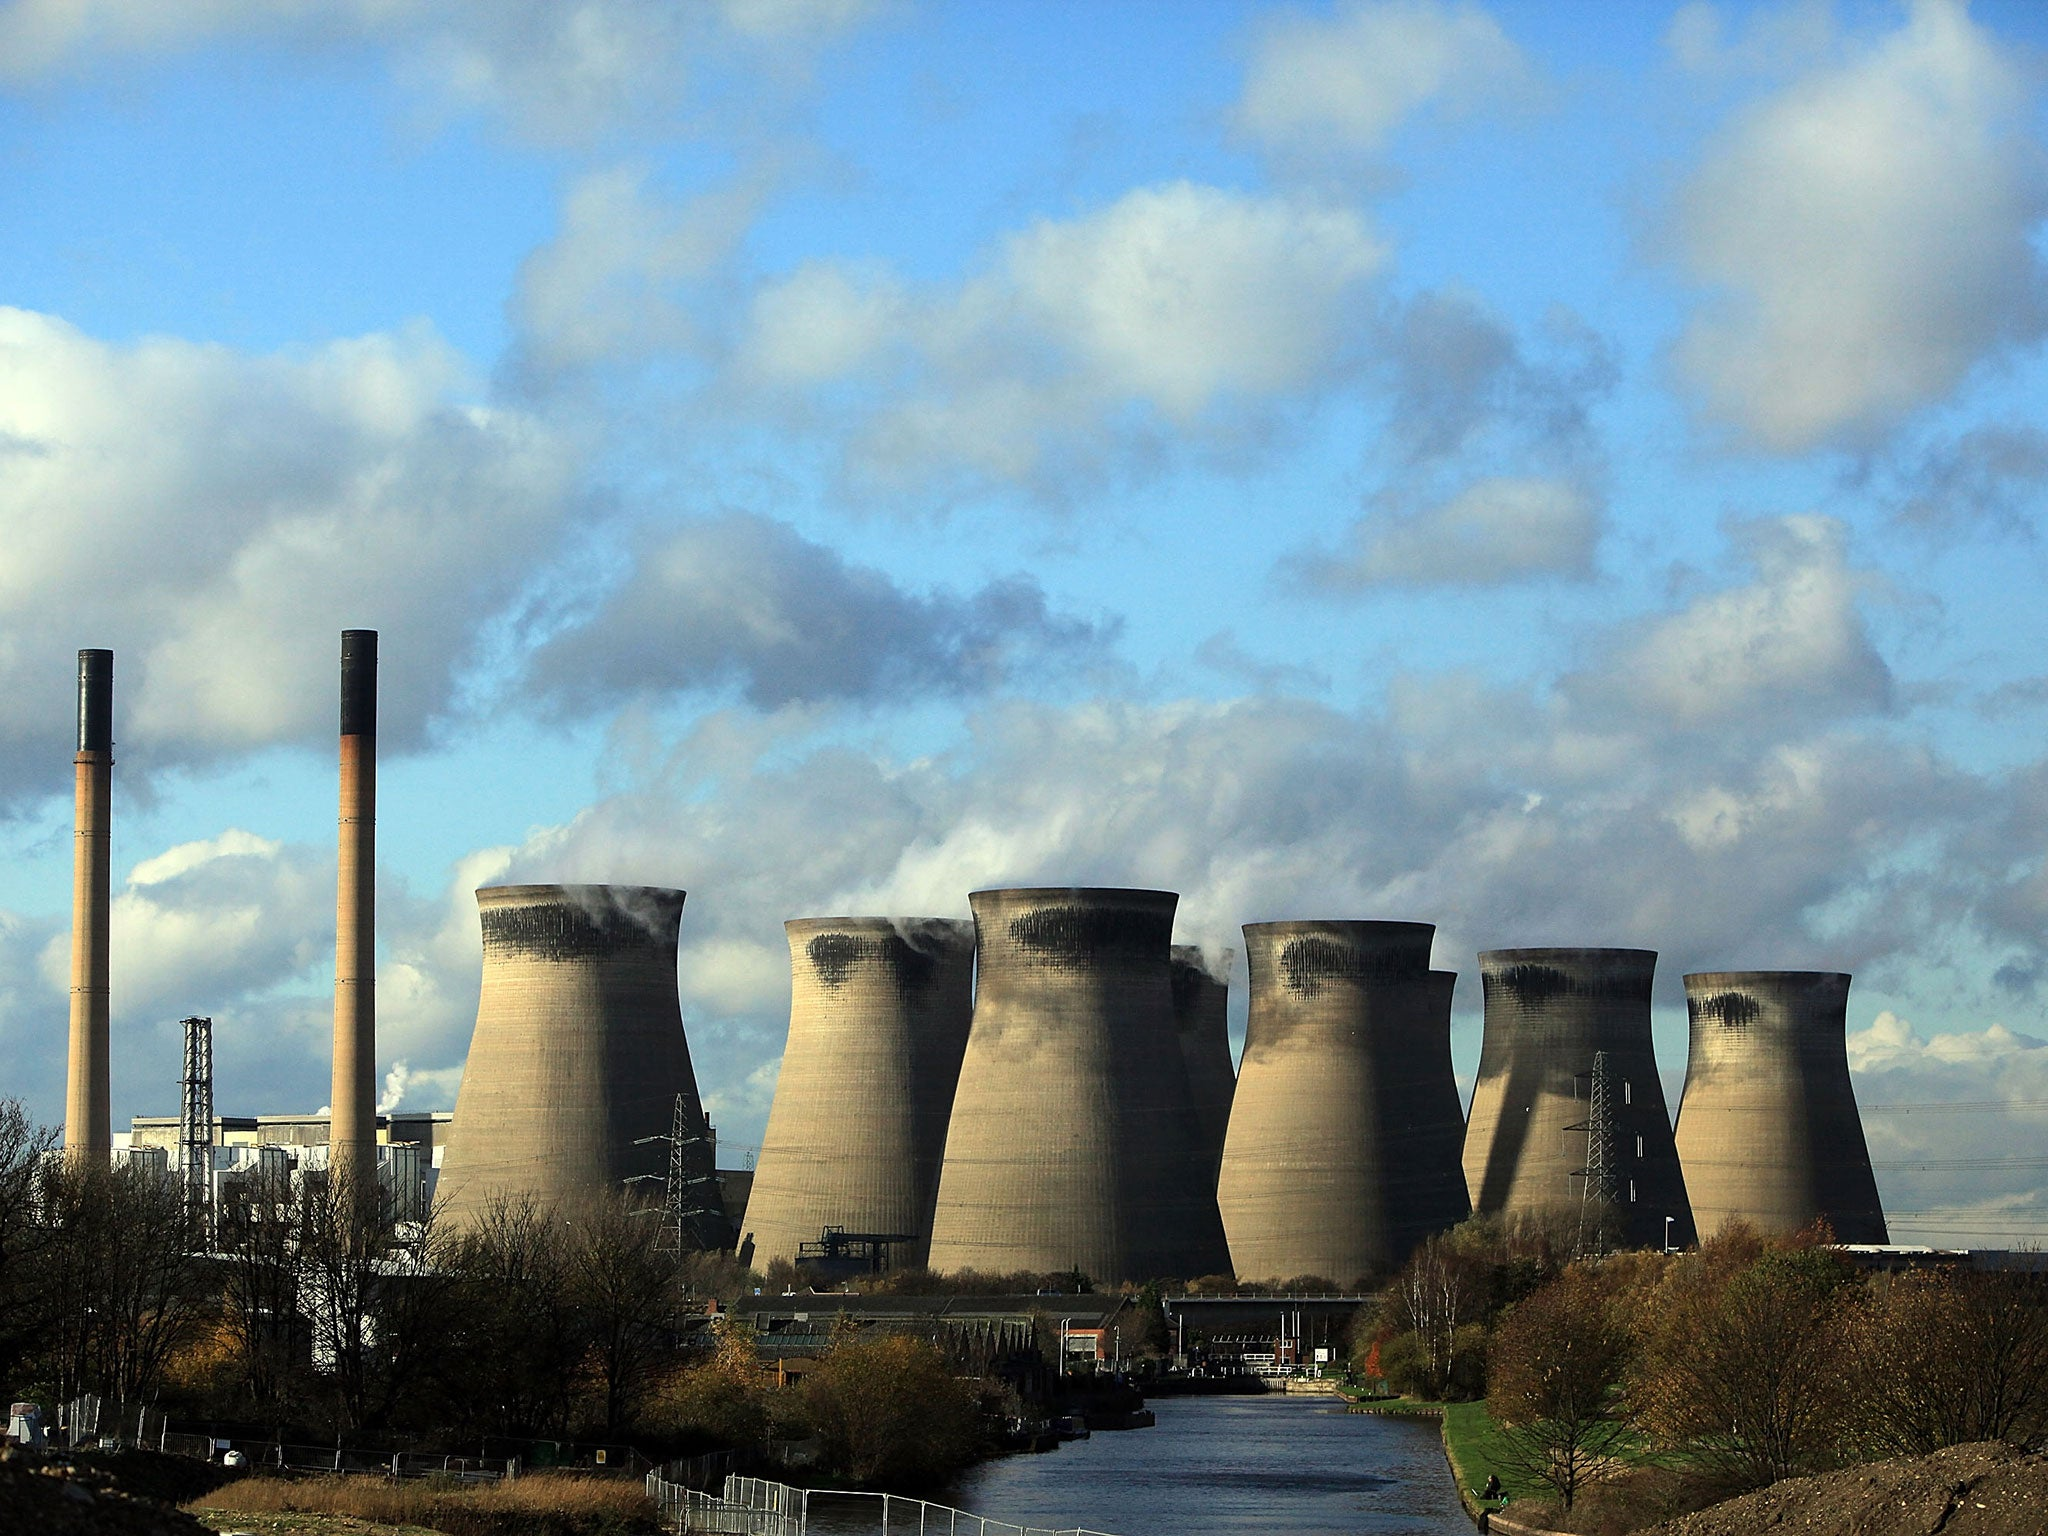 Ferrybridge C Experts call for more clean energy as landmark UK